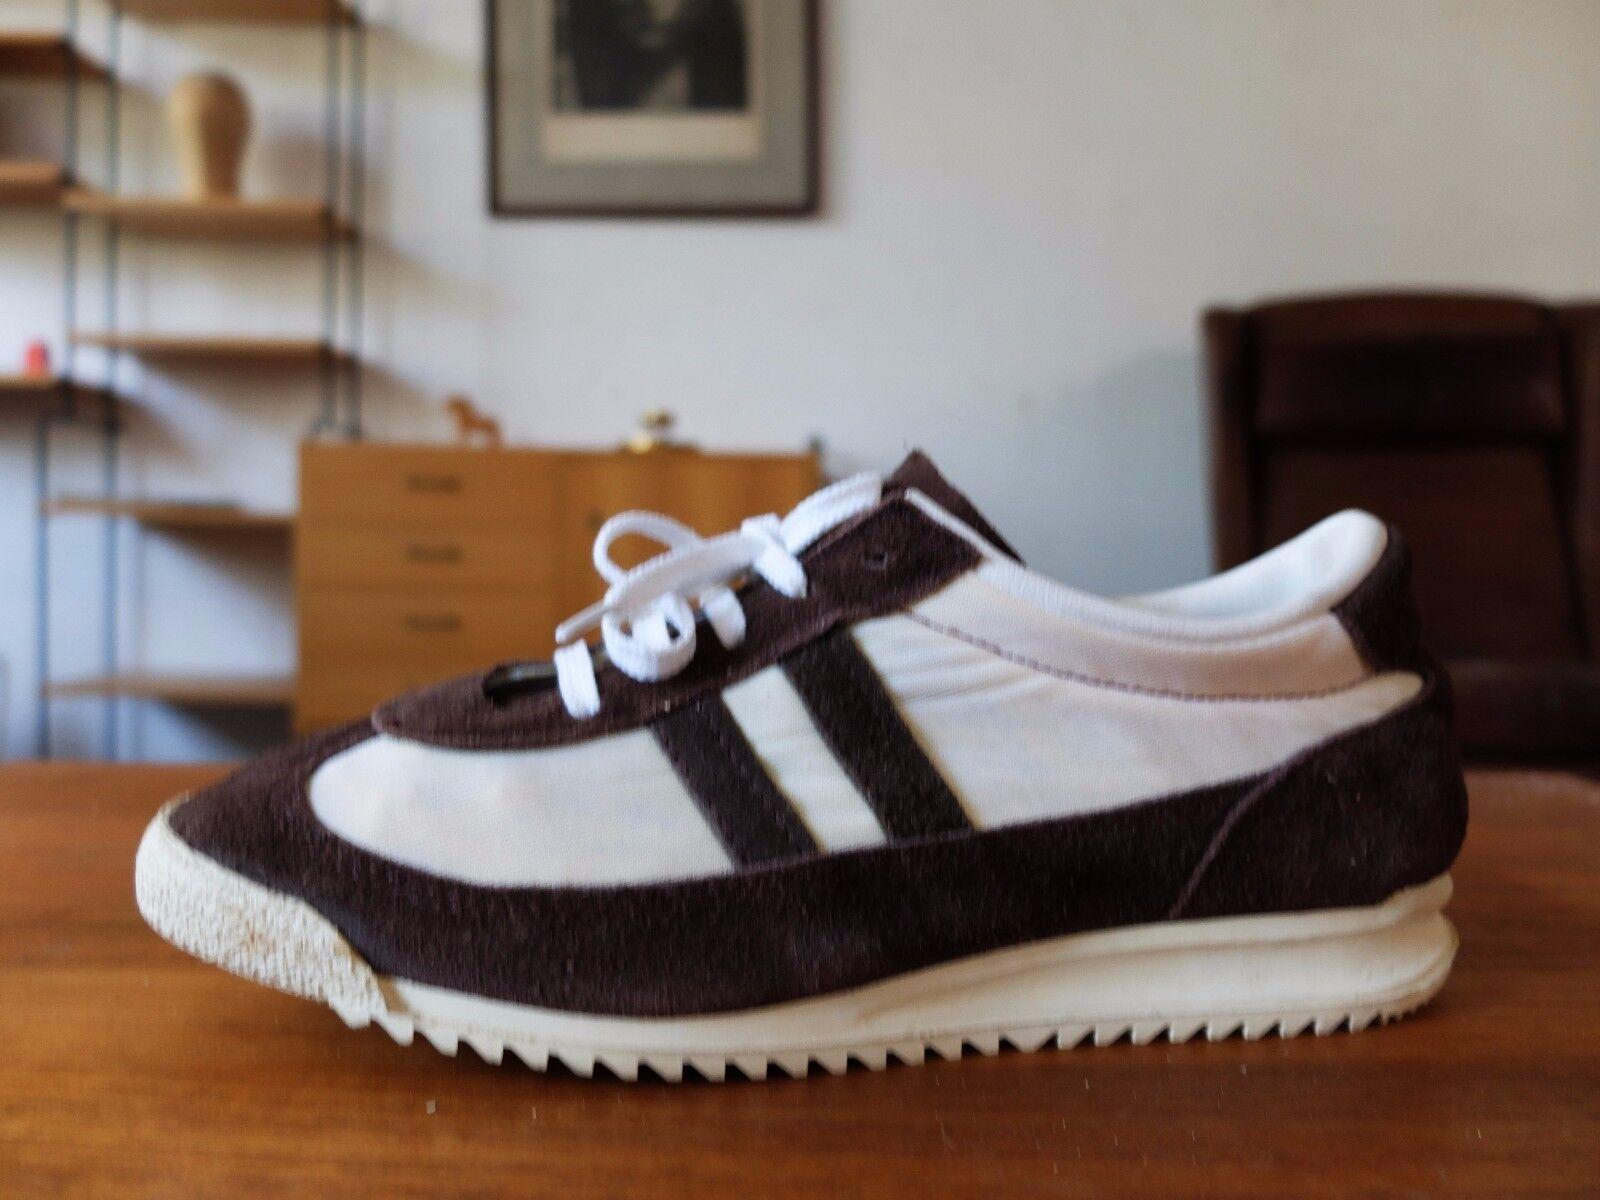 GERMINA allround Sneakers Turnschuhe DDR 70er Textil wildleder TRUE VINTAGE 38